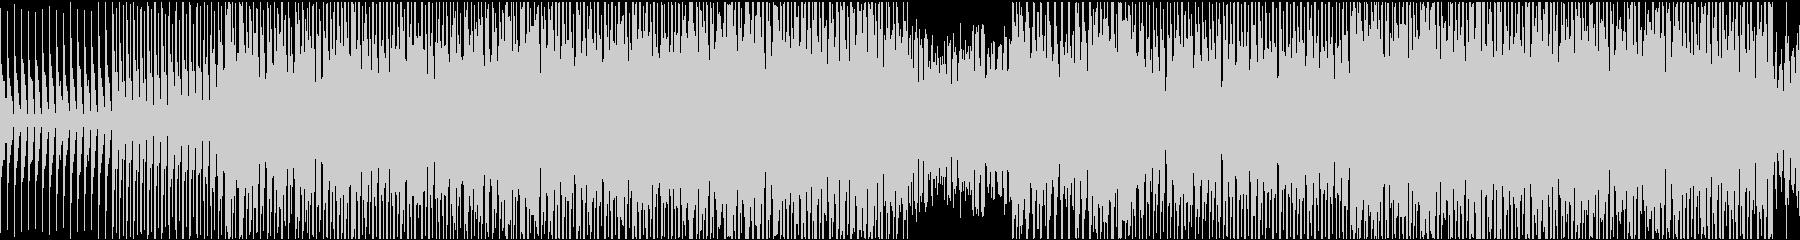 [ループ]ダンスミュージック5 2分の未再生の波形